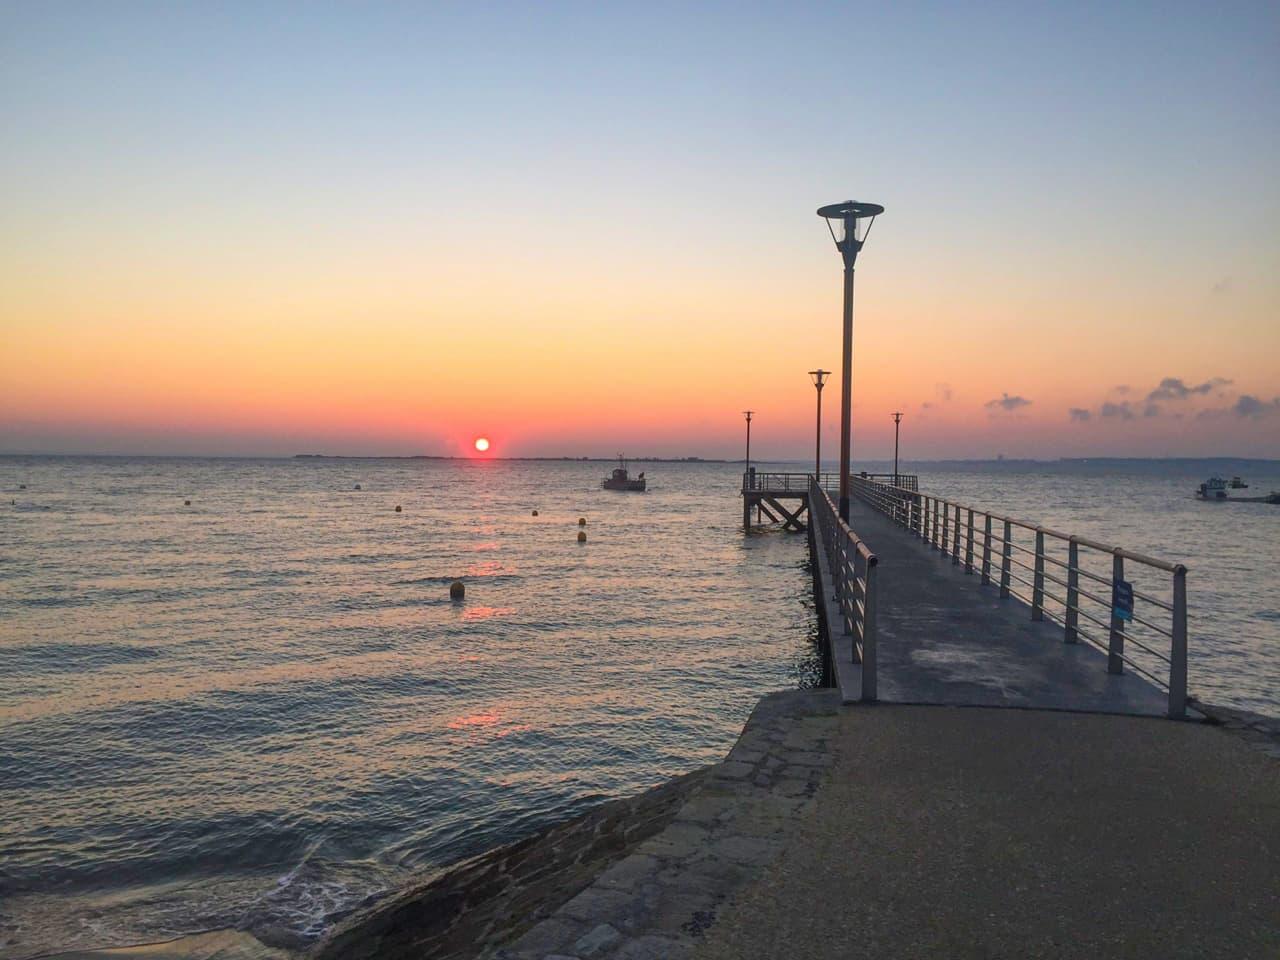 Jetée d'embarquement pour une balade en bateau au lever du soleil depuis le Cap Ferret